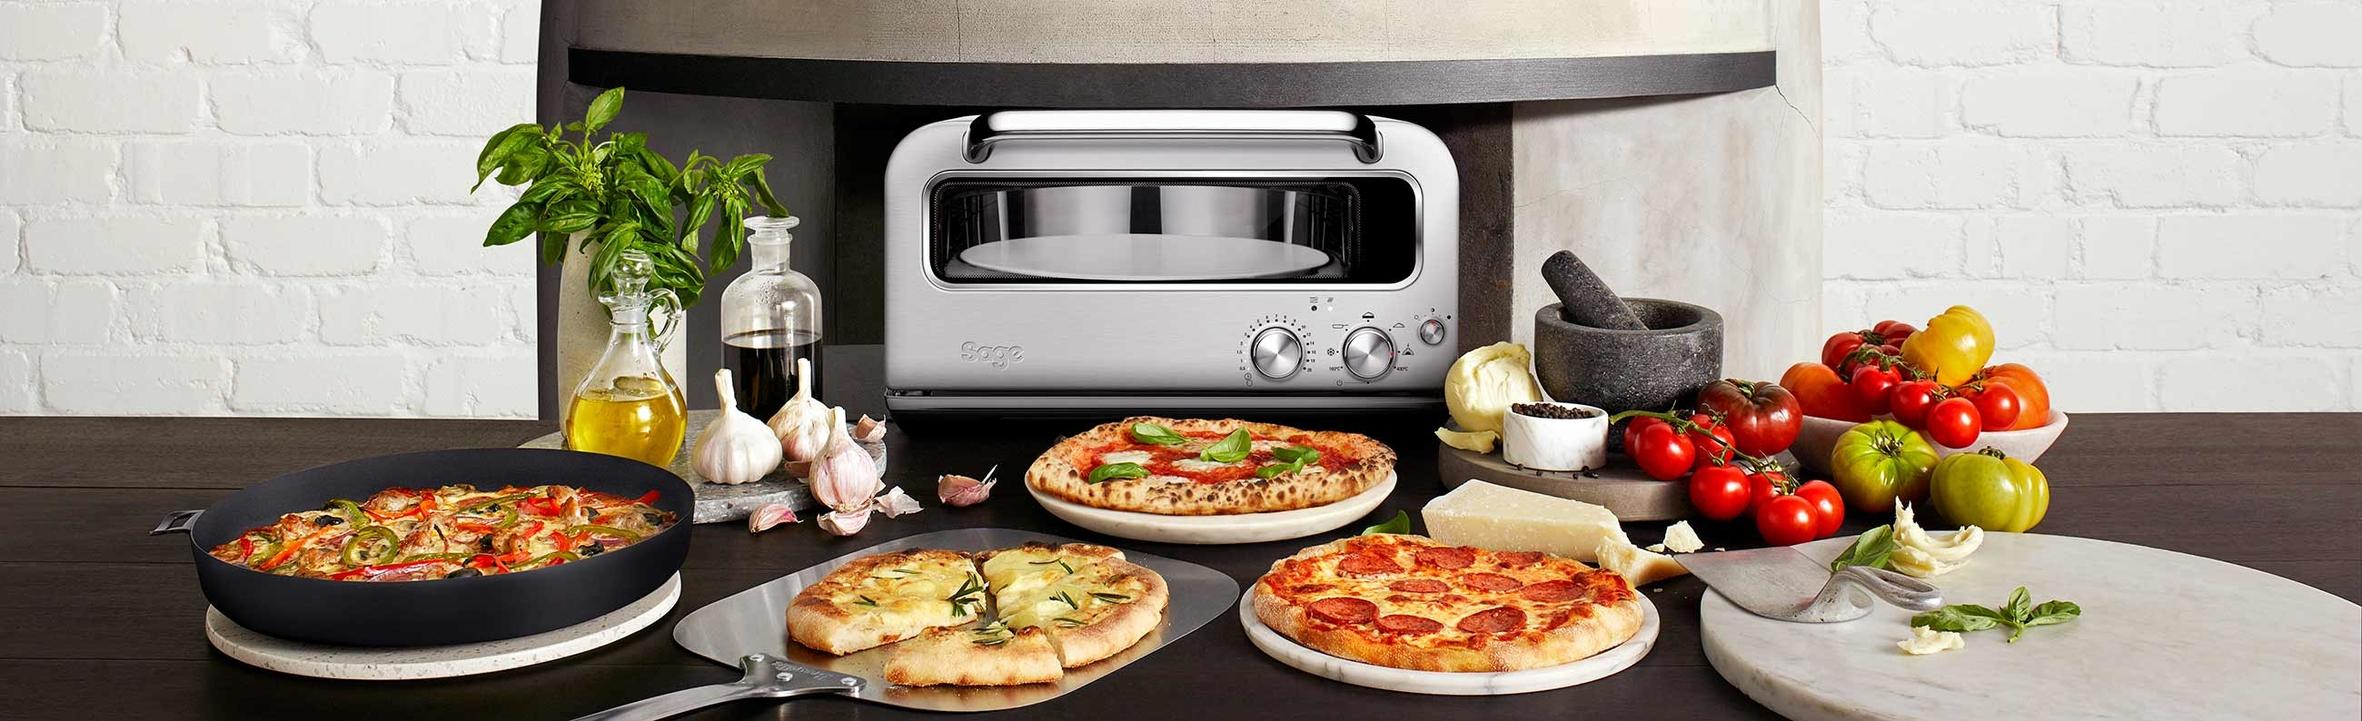 Sage The Smart Pizzaiolo